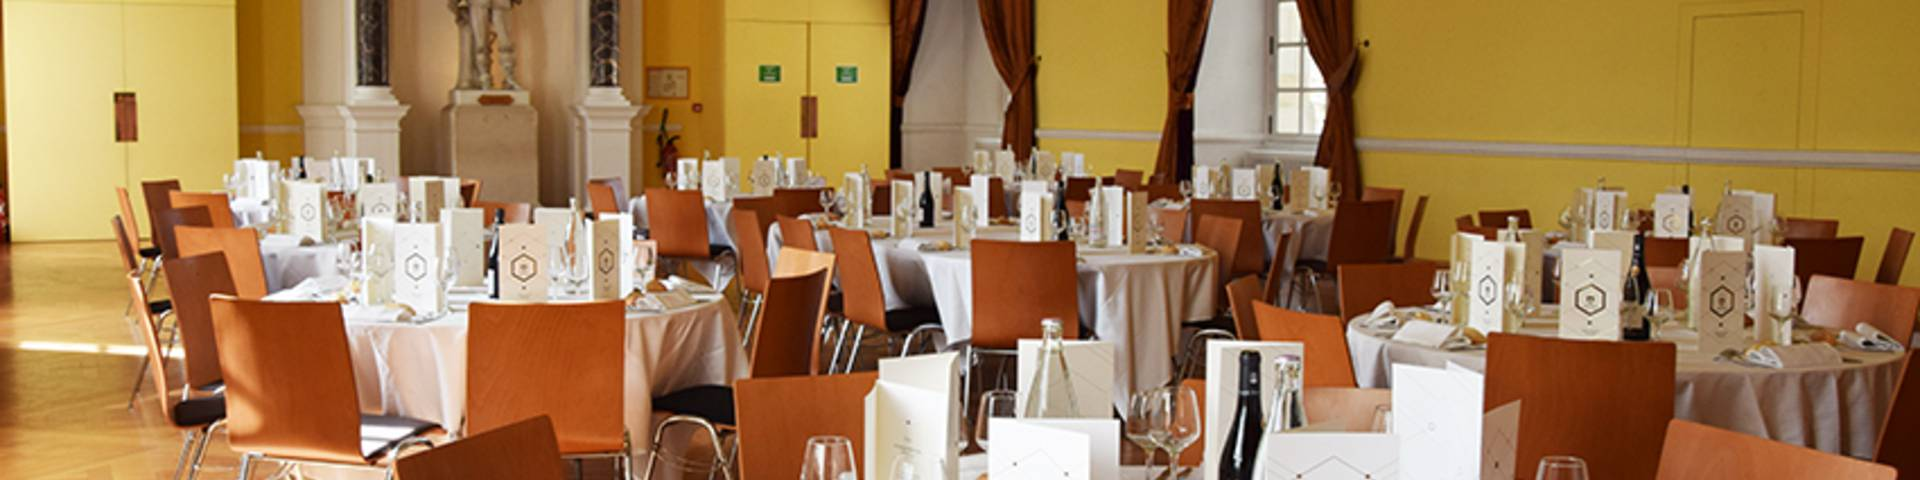 Déjeuner privatif au château royal de Blois